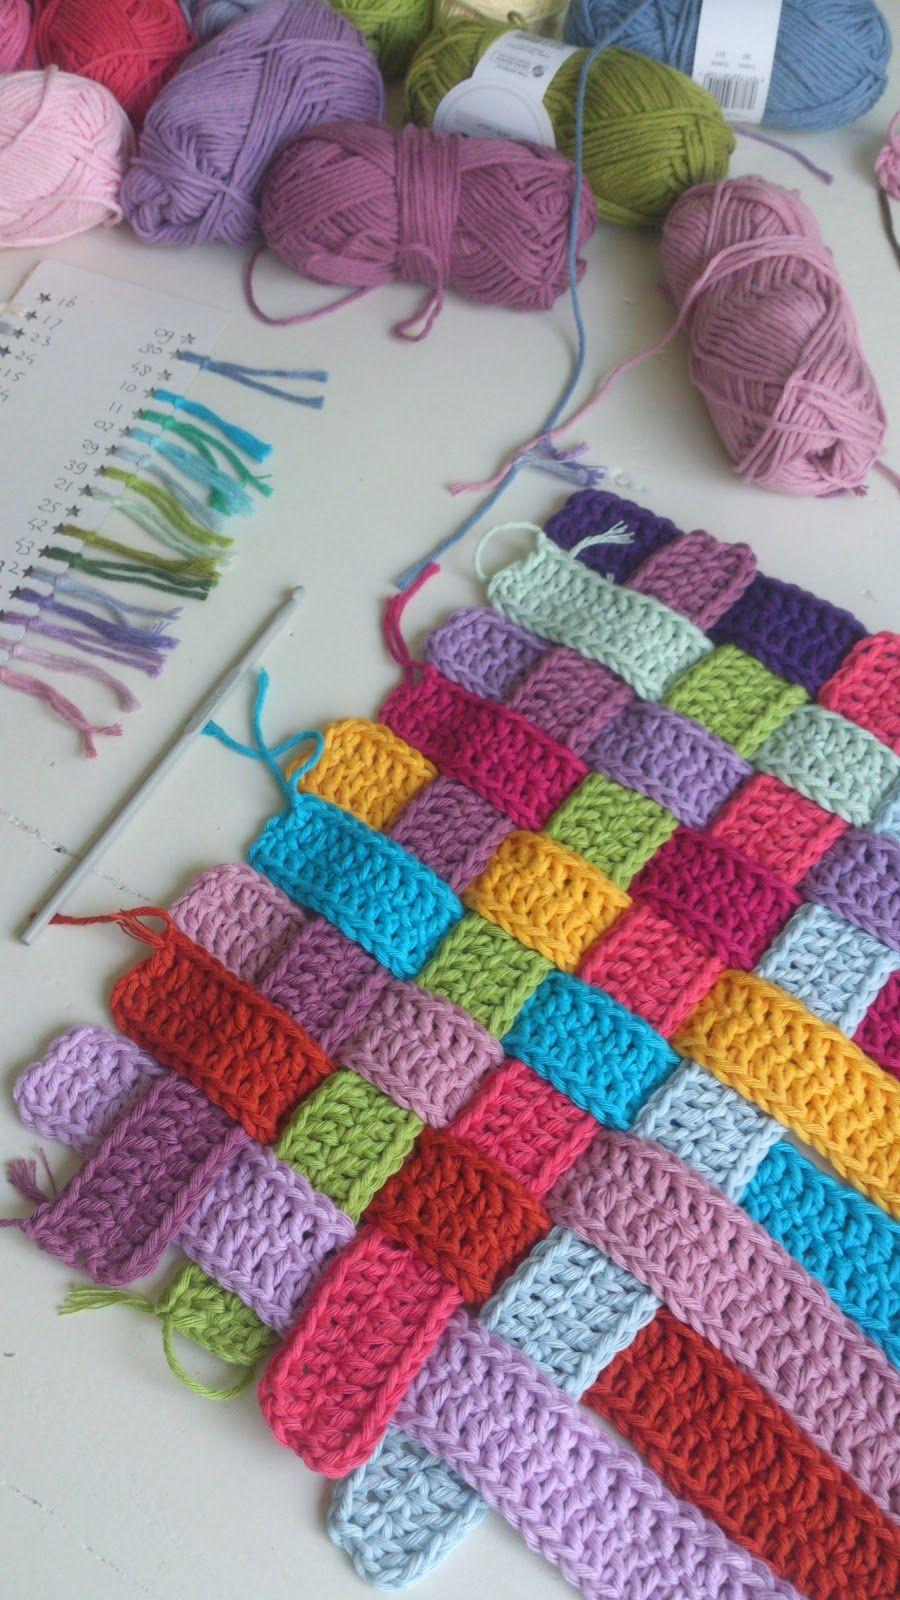 Crochet Weaving Ganchillo Pinterest Haken Weven En Breien